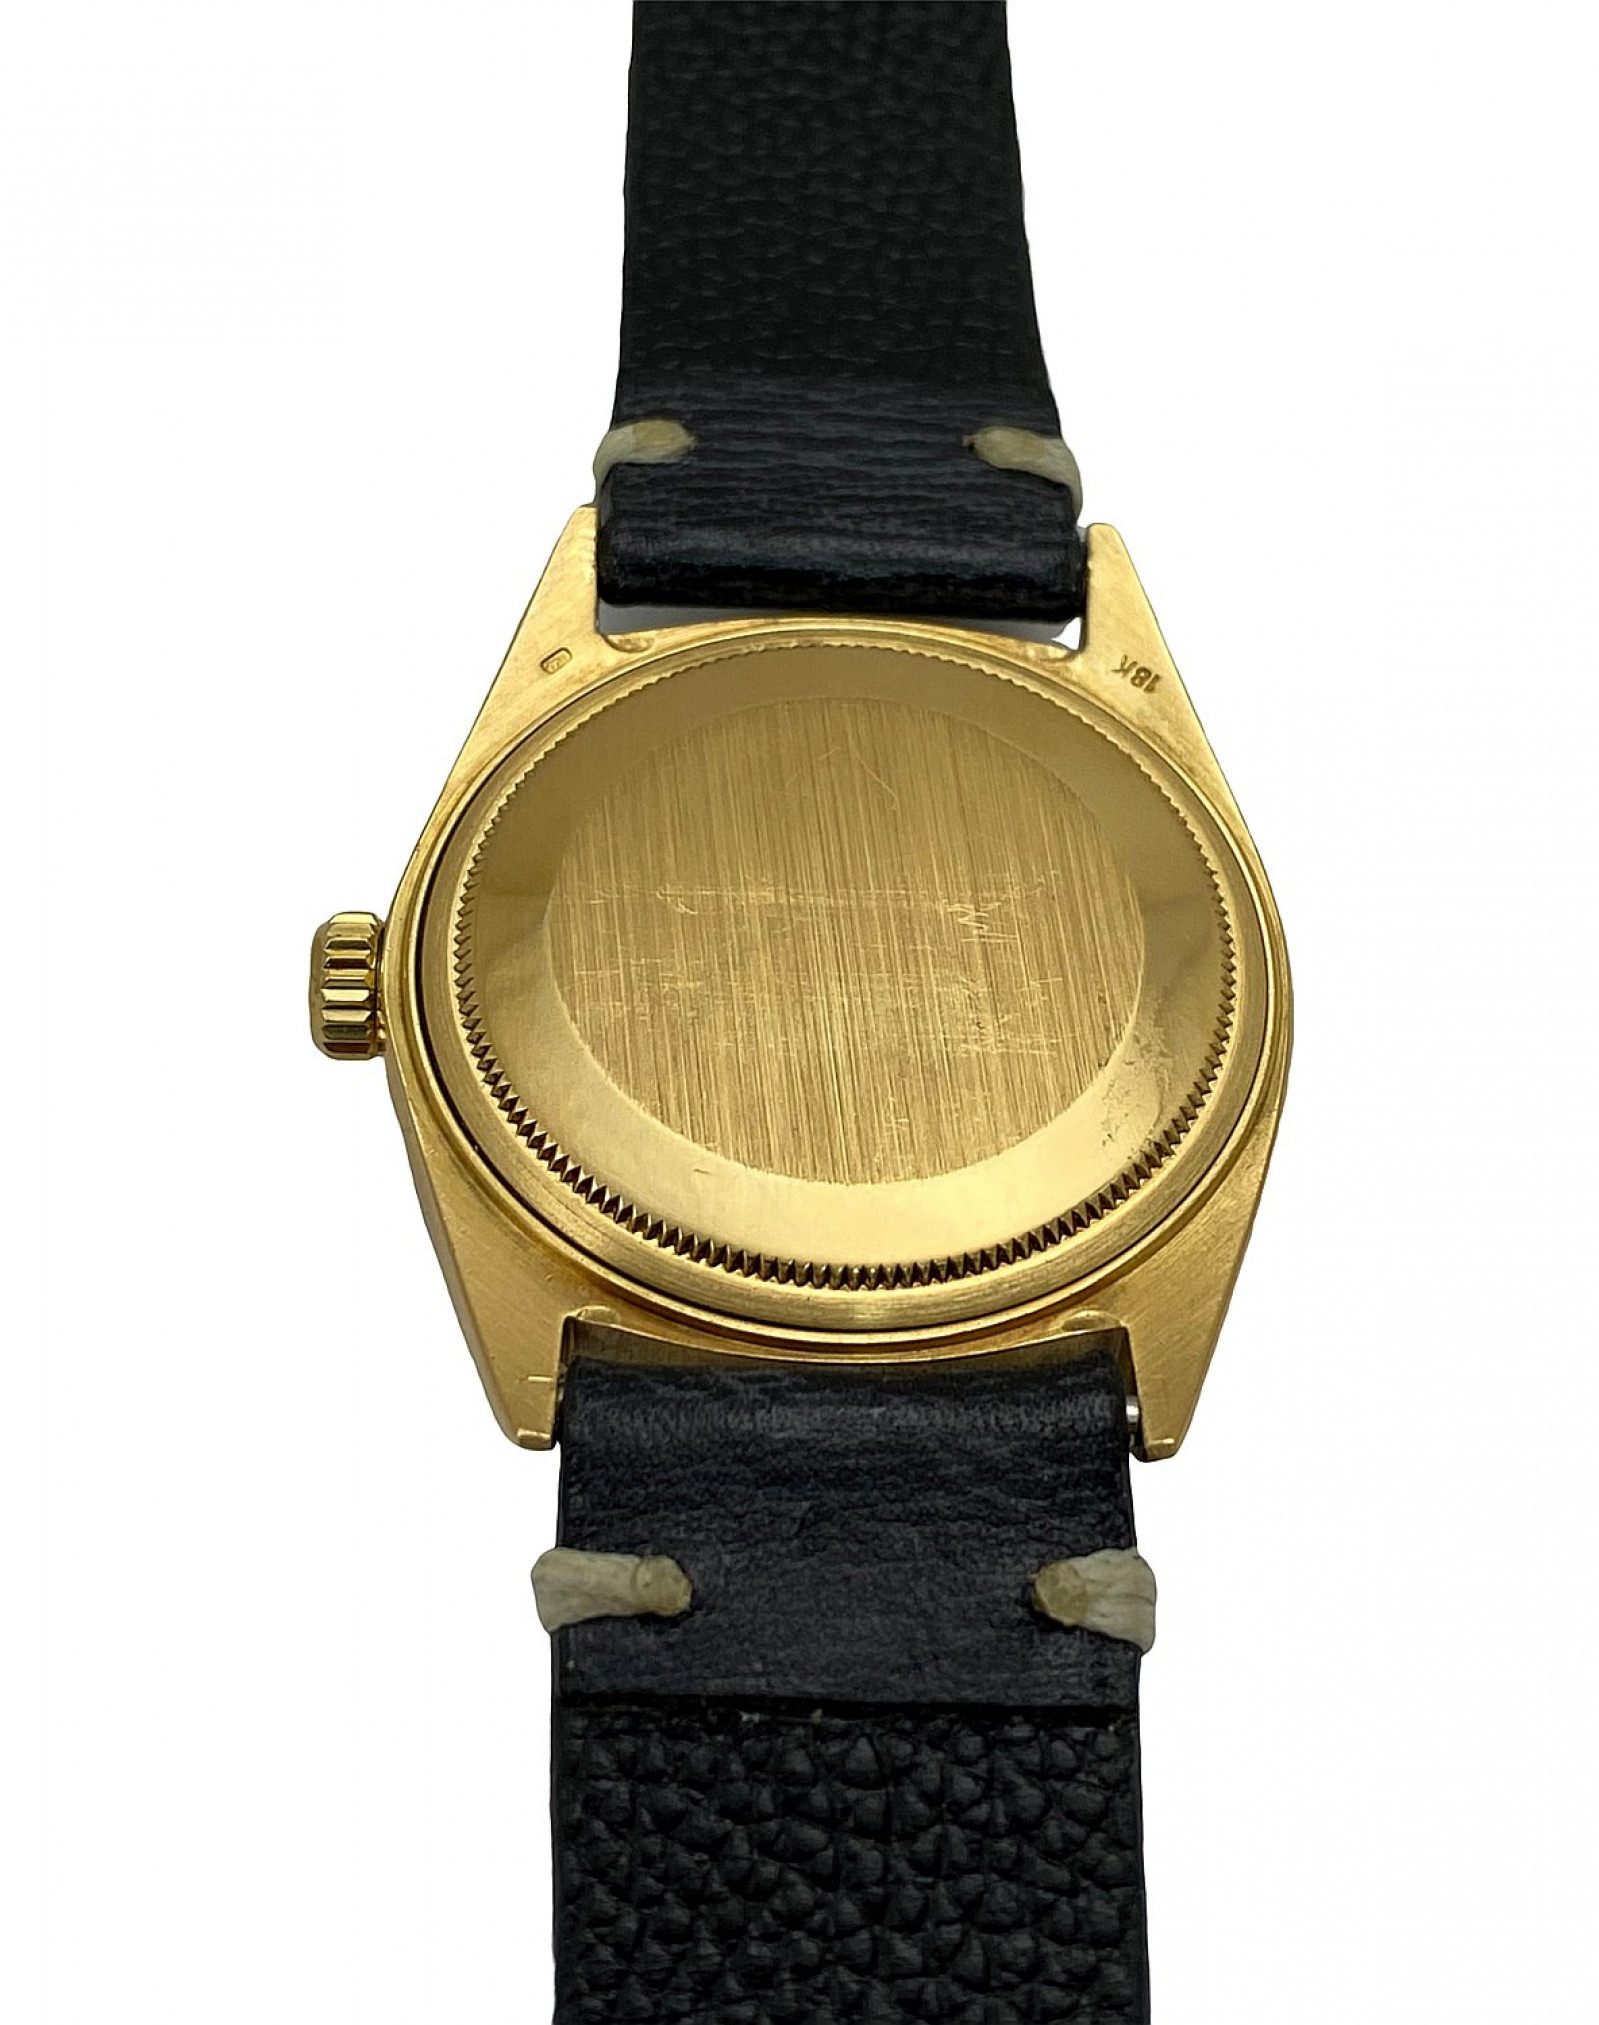 1970 Rolex Datejust Ref. 1607